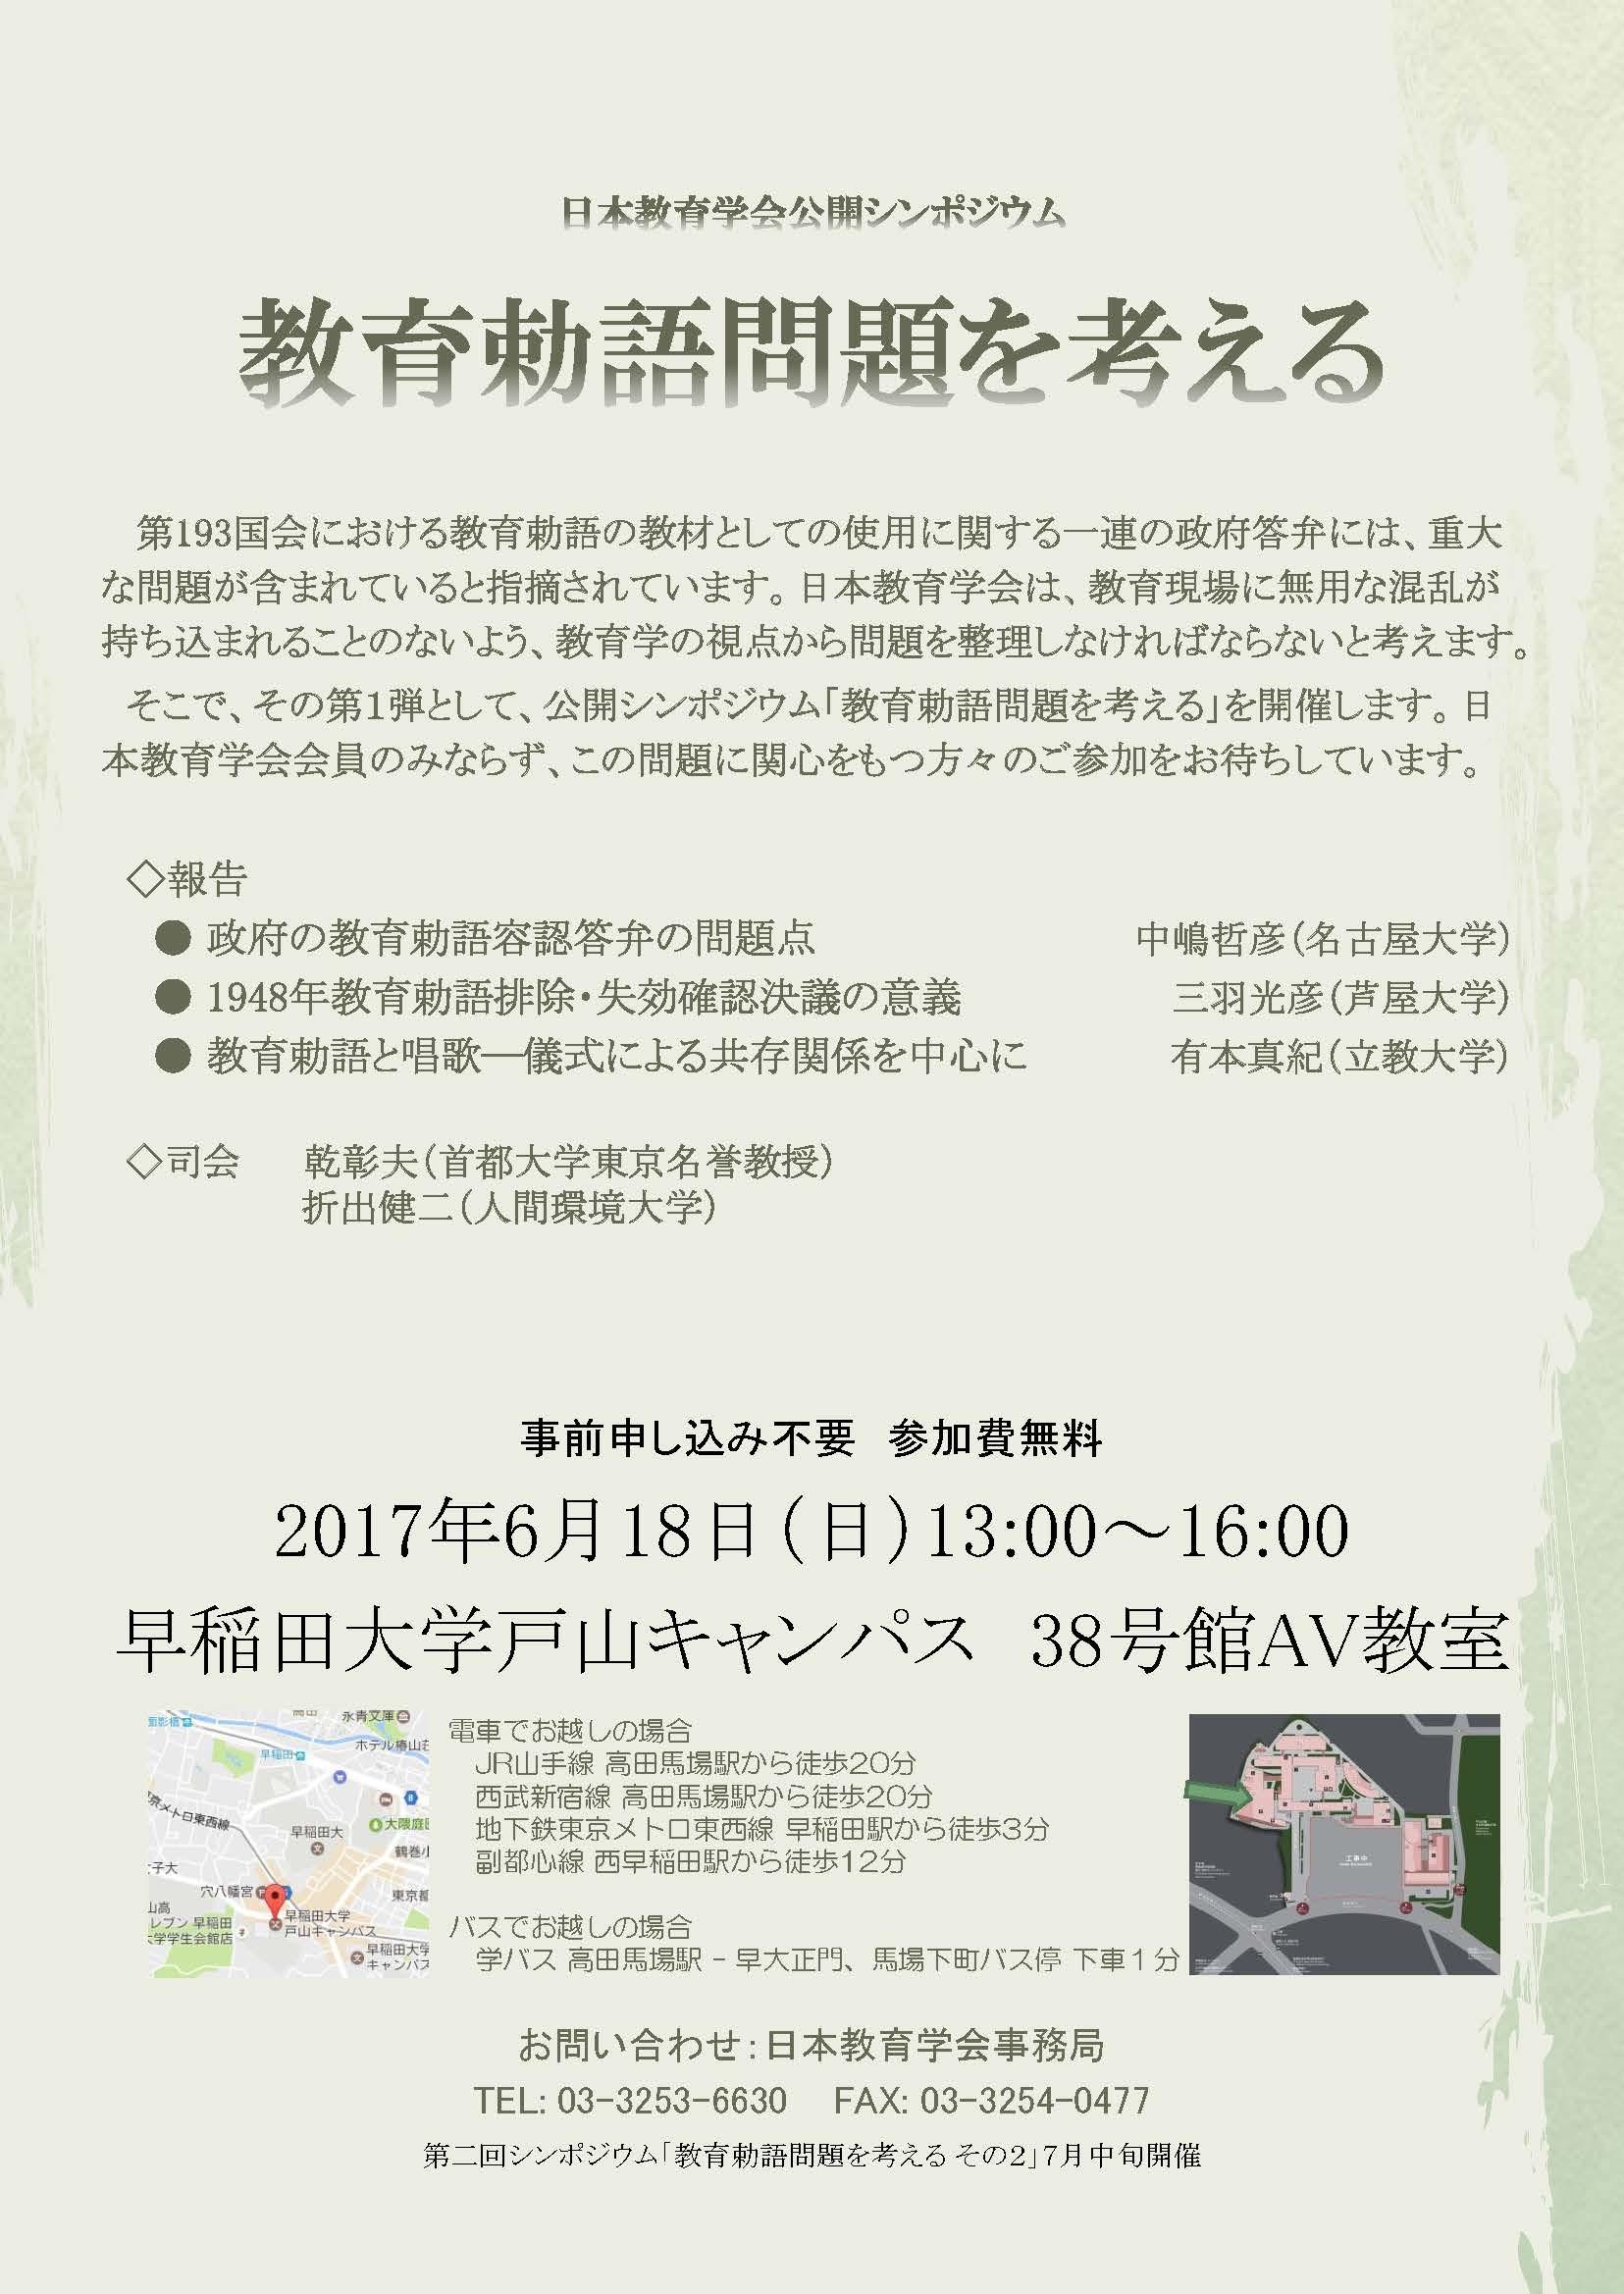 日本教育学会主催公開シンポジウム「教育勅語問題を考える」_c0046127_06330411.jpg